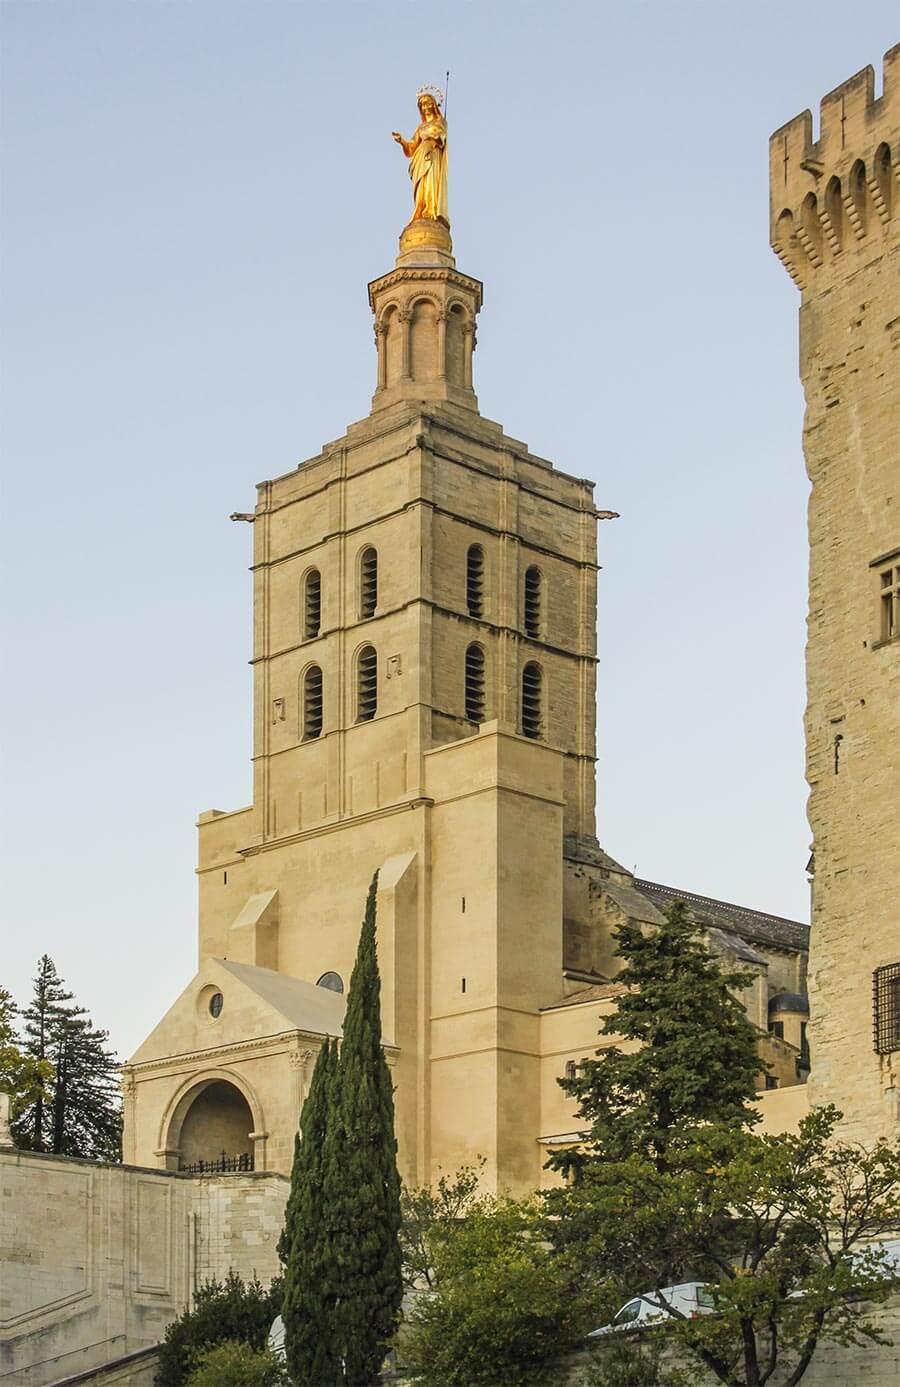 Die Kathedrale Notre Dame des Doms d'Avignon neben dem Palast © Siegbert Mattheis